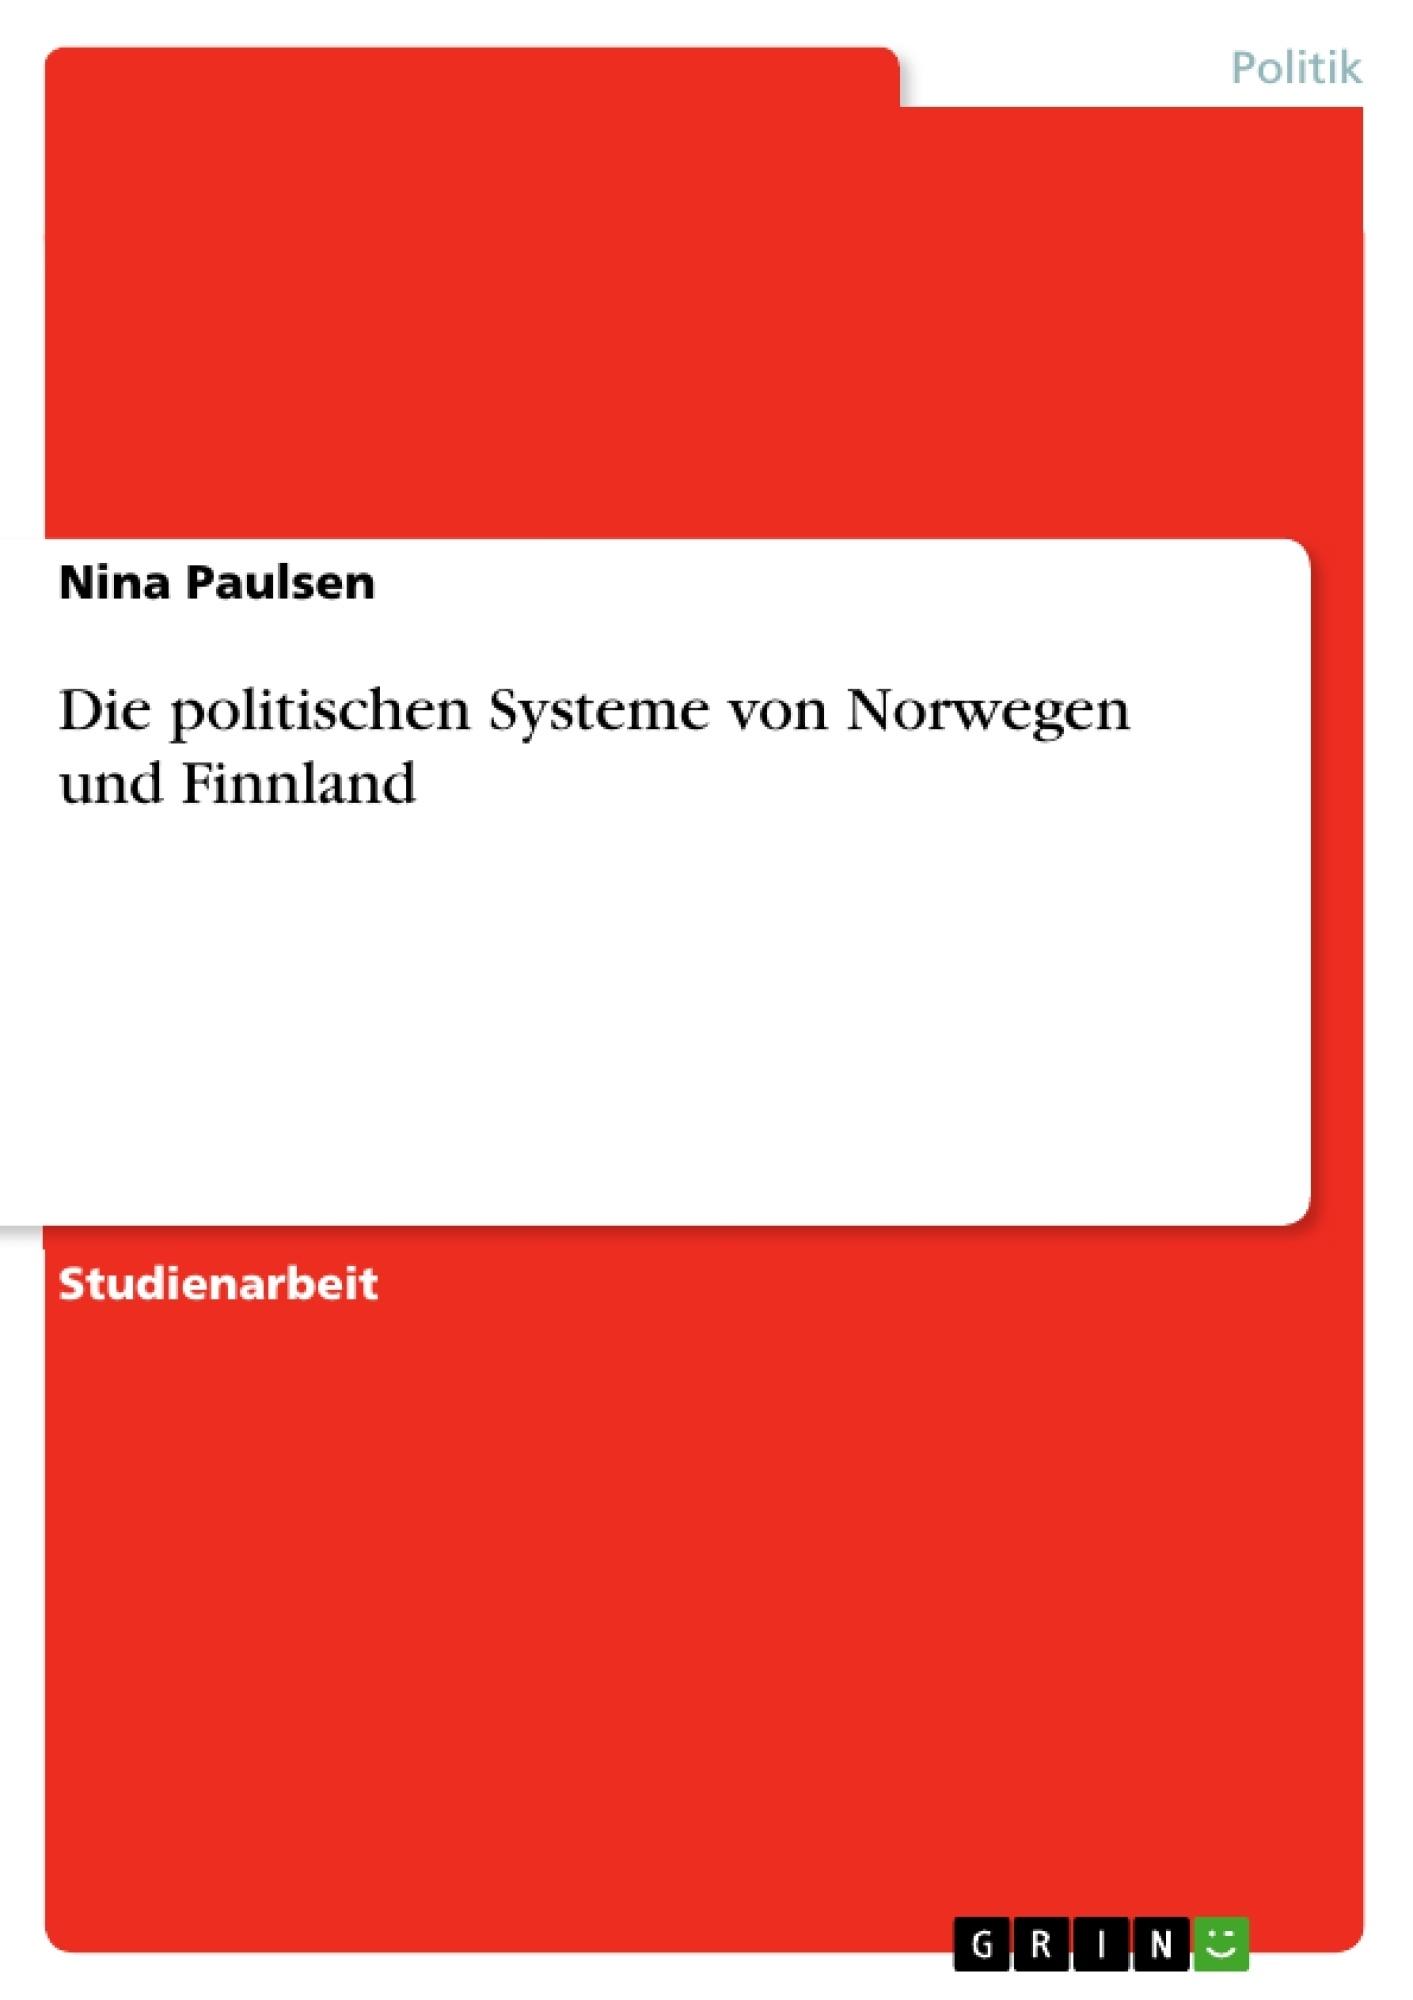 Titel: Die politischen Systeme von Norwegen und Finnland